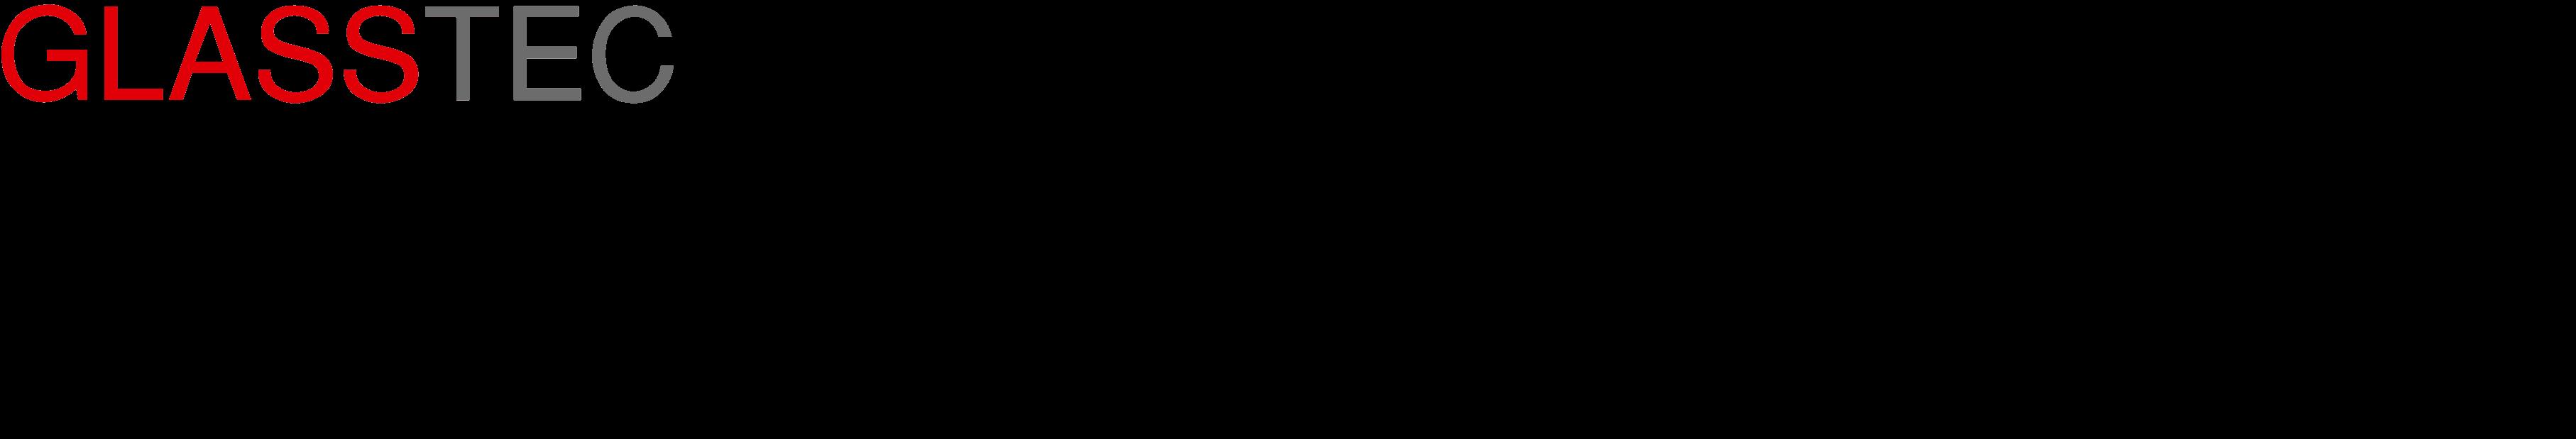 glasstec.net